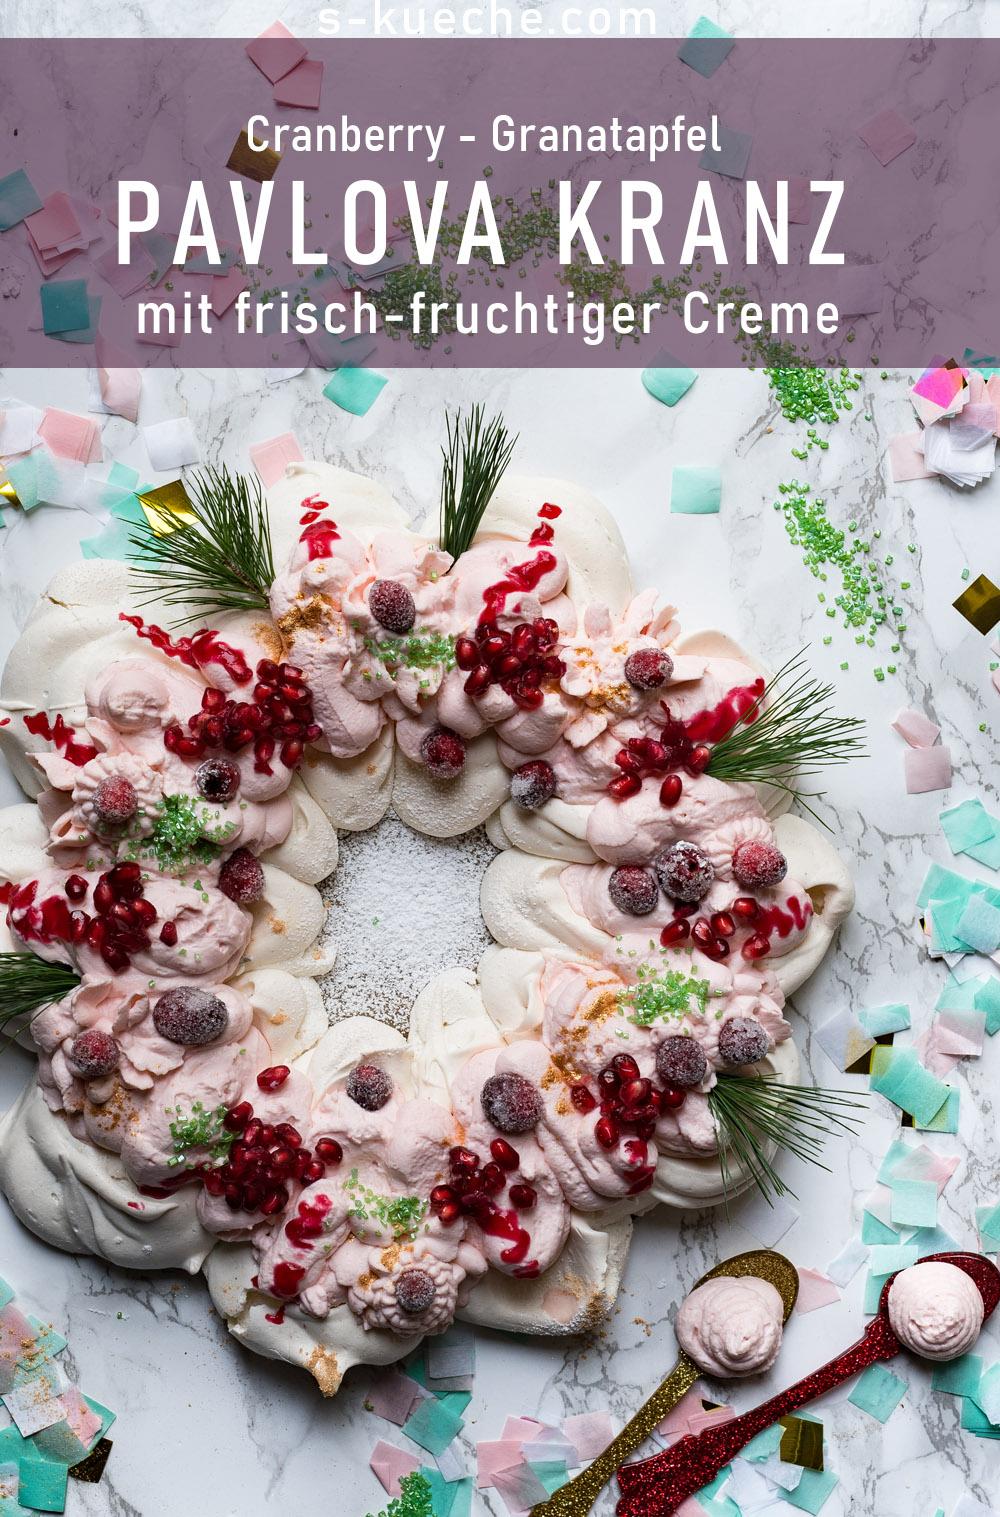 Festlicher Pavlova Kranz mit frischer Creme, Granatapfel und Cranberries - Rezept für fruchtig frischen Baiser, nicht nur zu Weihnachten tolle Dischdeko